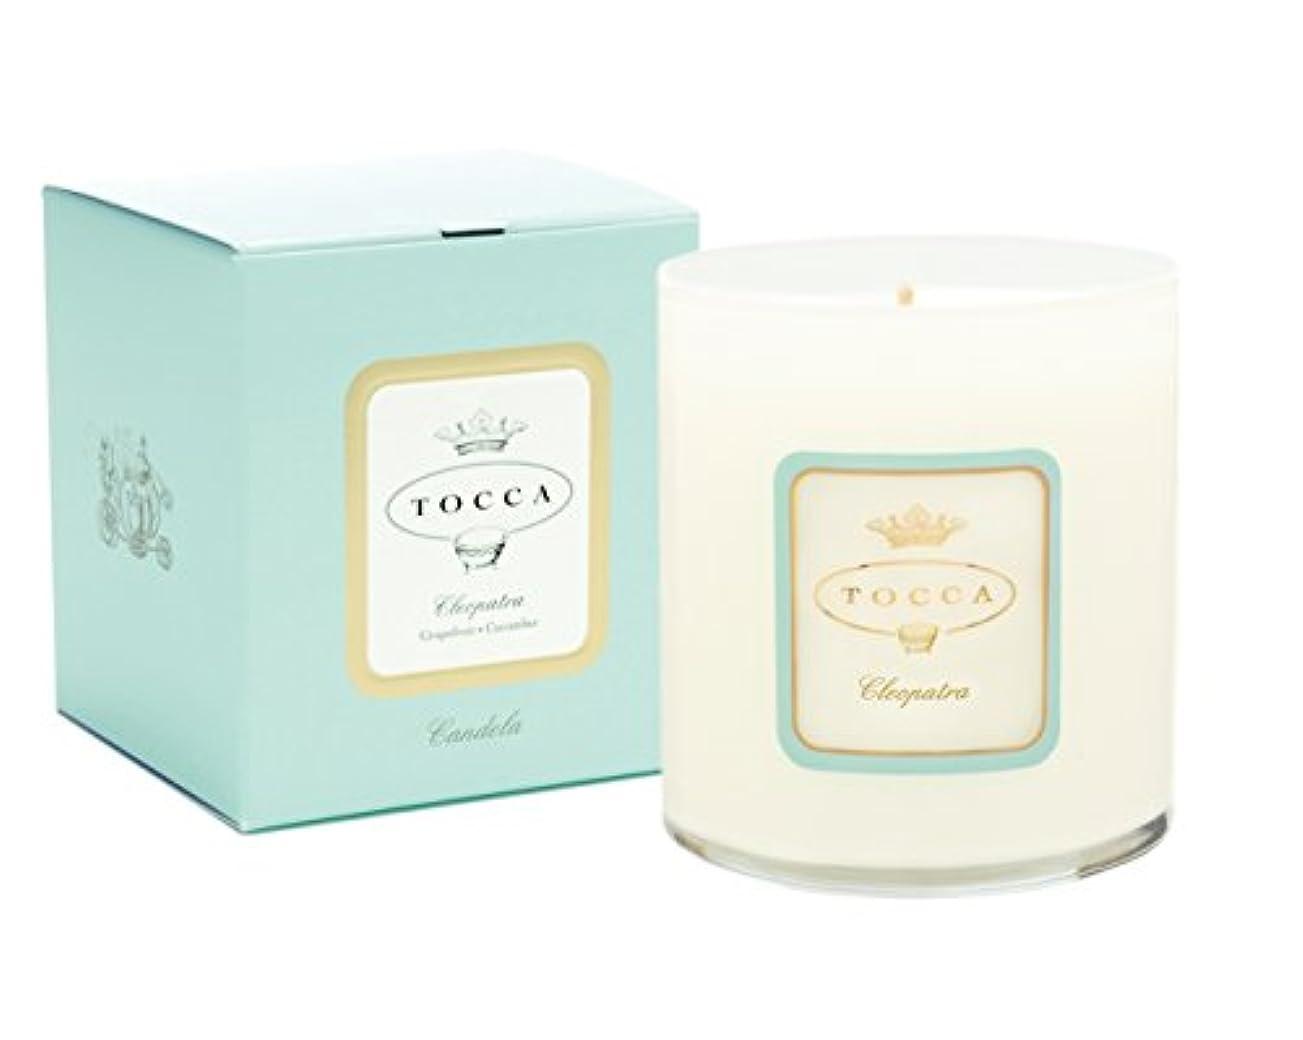 オーク恐ろしいですコンクリートトッカ(TOCCA) キャンドル クレオパトラの香り 300g(ろうそく 絶世の美女を想わせるグレープフルーツとキューカンバーの絶妙なブレンド)